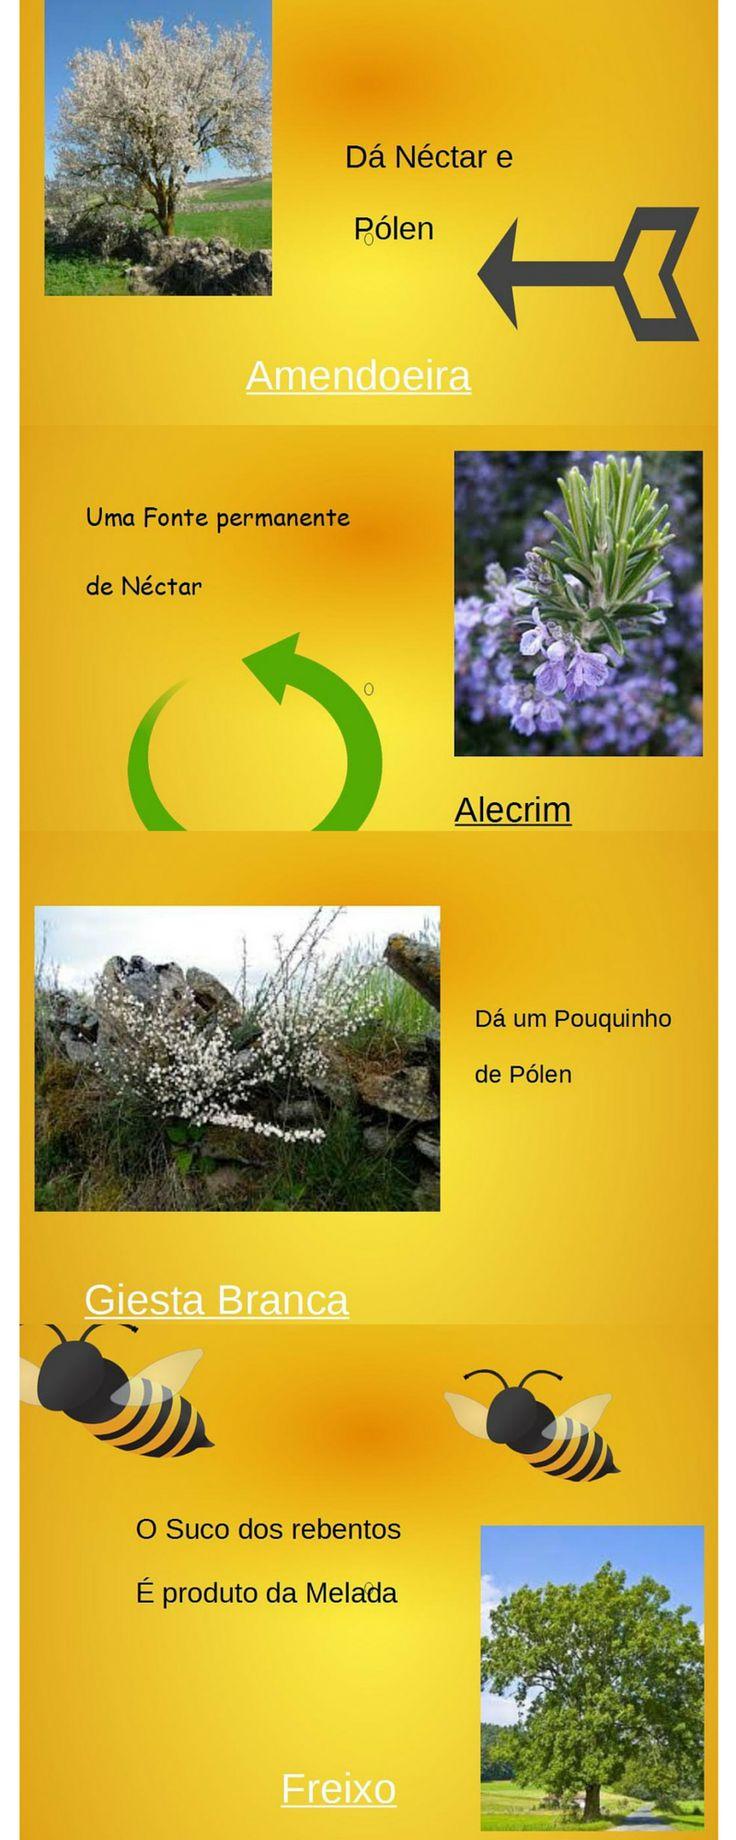 A flora para um apiario http://apicosta.com